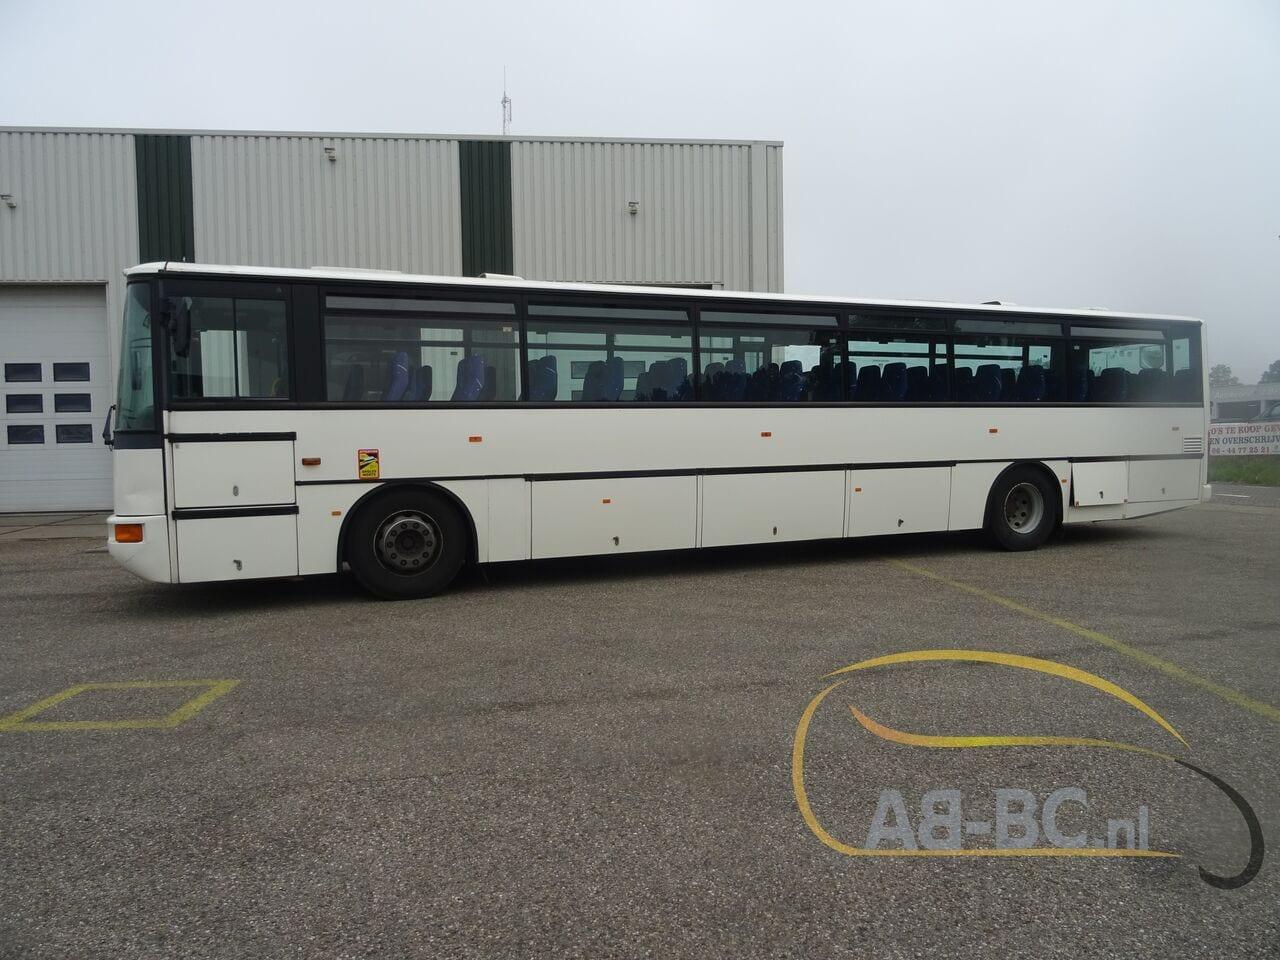 interurban-busIVECO-Irisbus-Recreo-64-Seats---1626159902341313784_big_f07ff90d016d301e9c328ee5a9f987b5--21071309575983154500